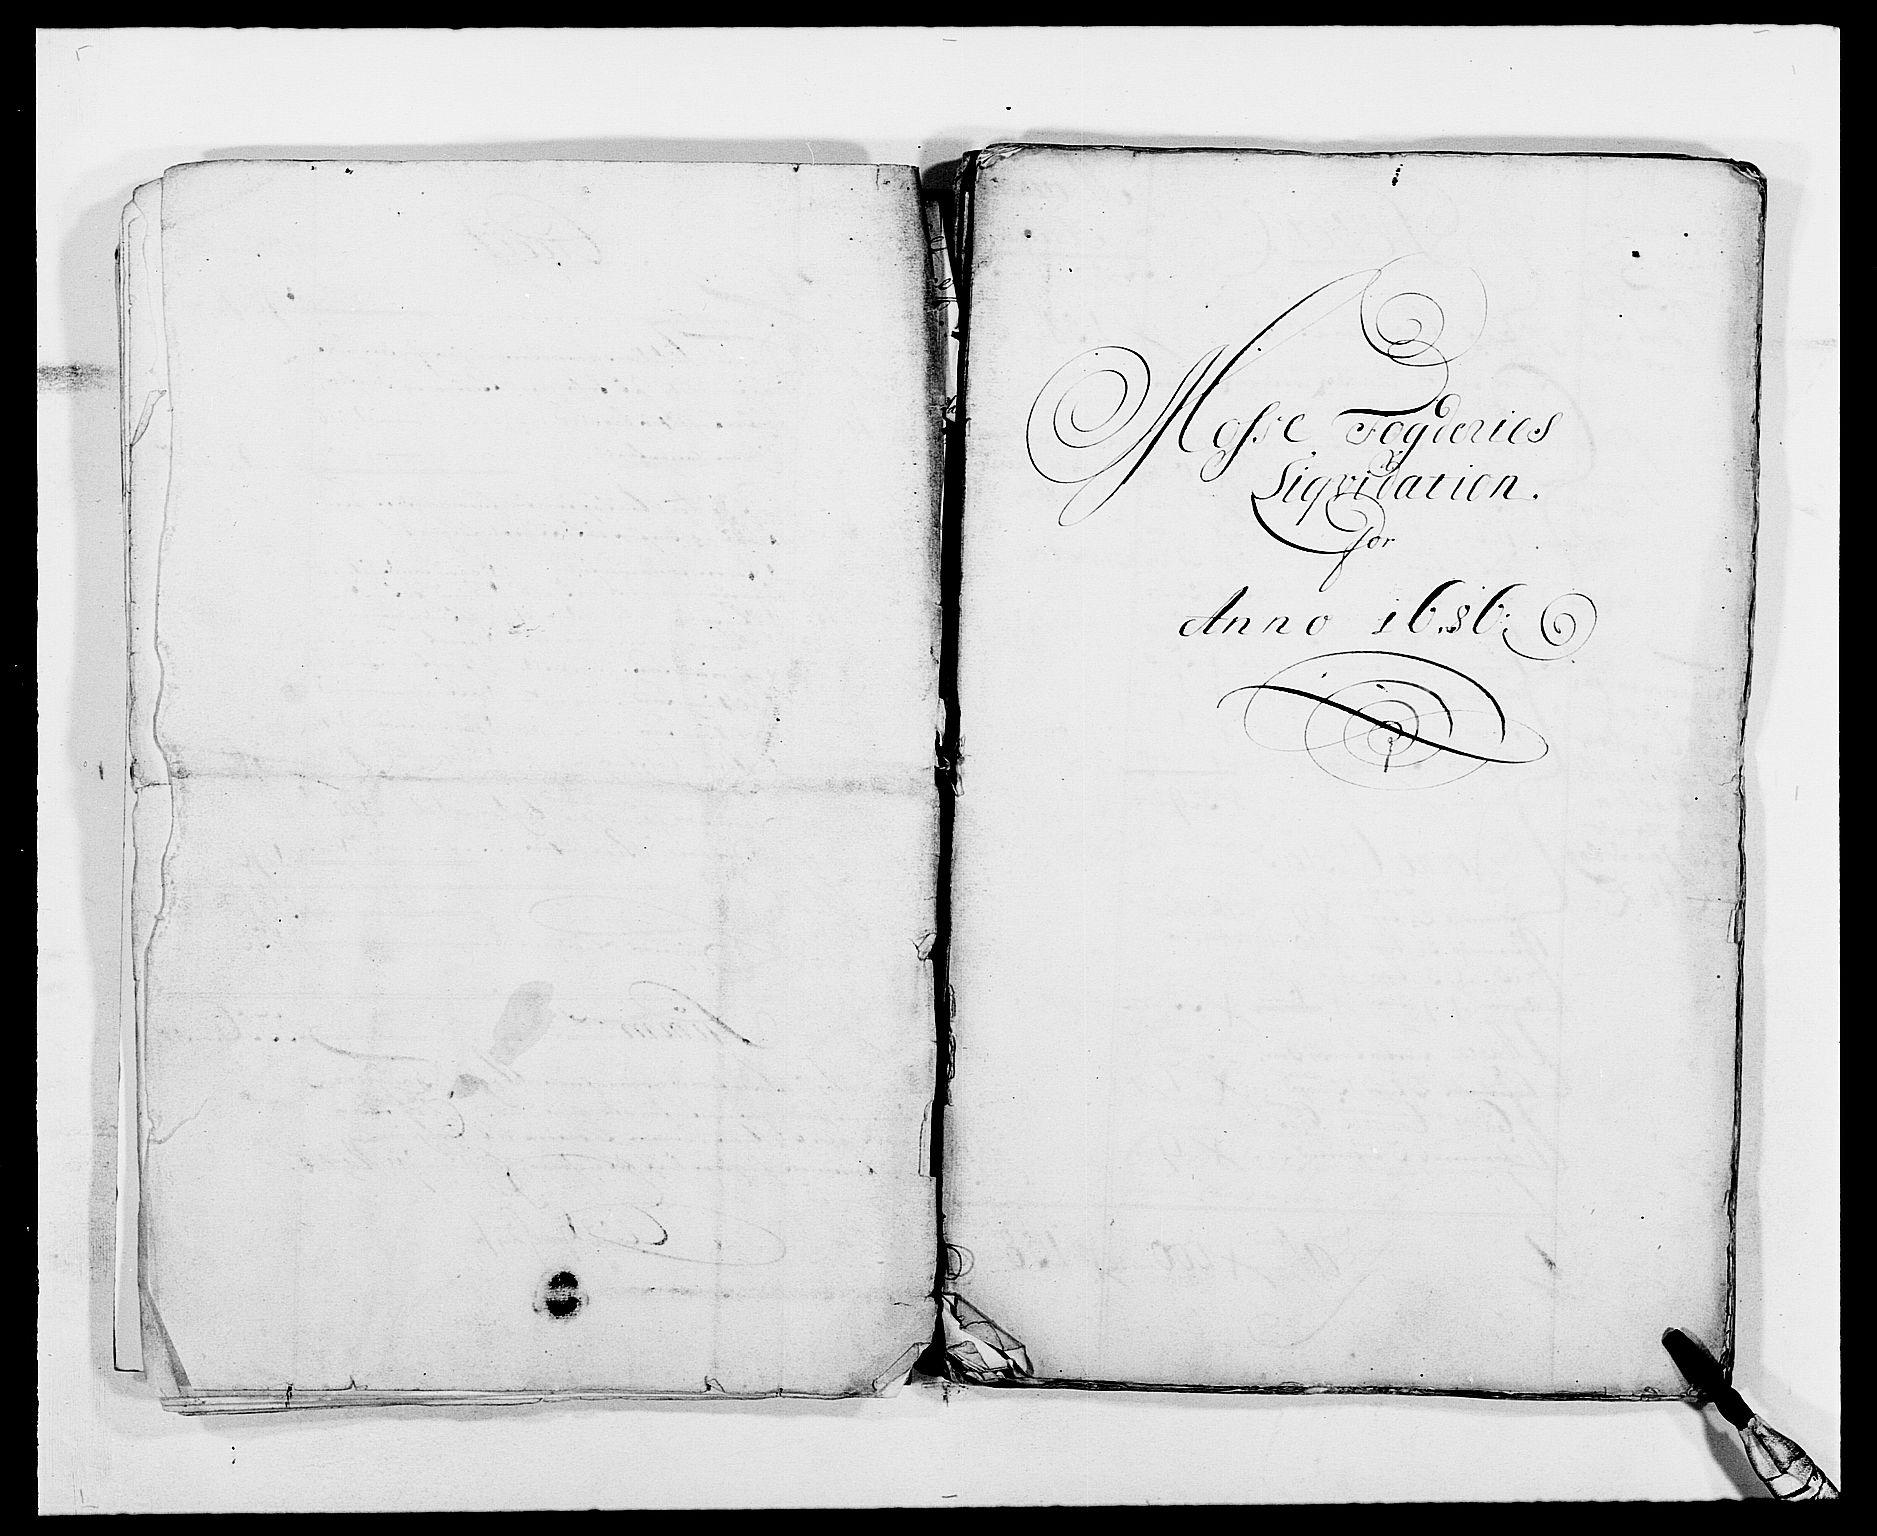 RA, Rentekammeret inntil 1814, Reviderte regnskaper, Fogderegnskap, R02/L0107: Fogderegnskap Moss og Verne kloster, 1685-1691, s. 10